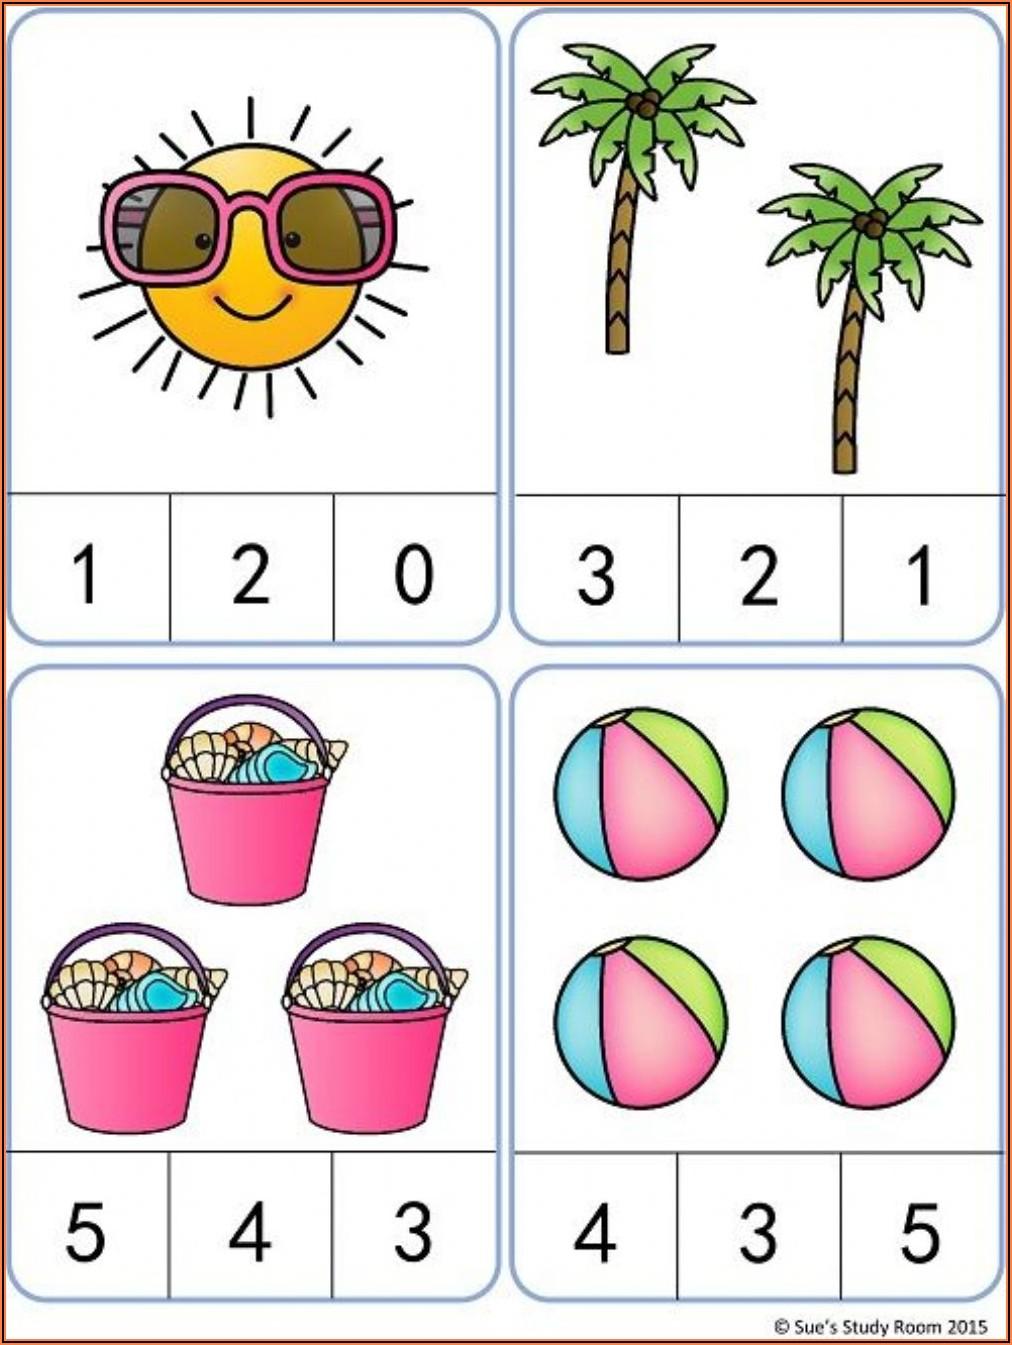 Worksheet For Kg Maths